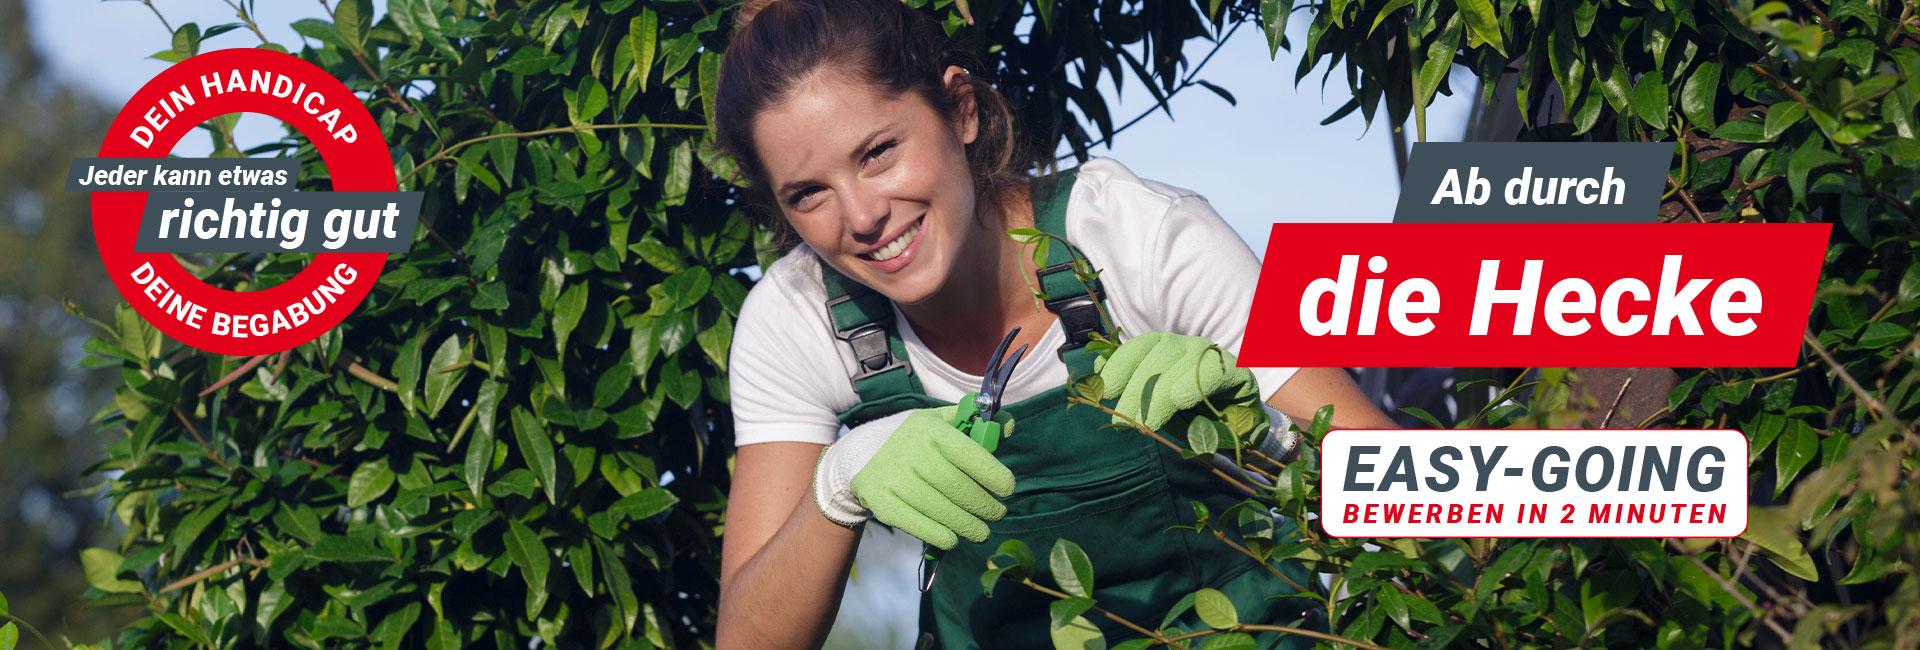 Junge Dame in der Gartenpflege. FDS sucht Garten- & Landschaftsbauer (m/w/d) in Flensburg